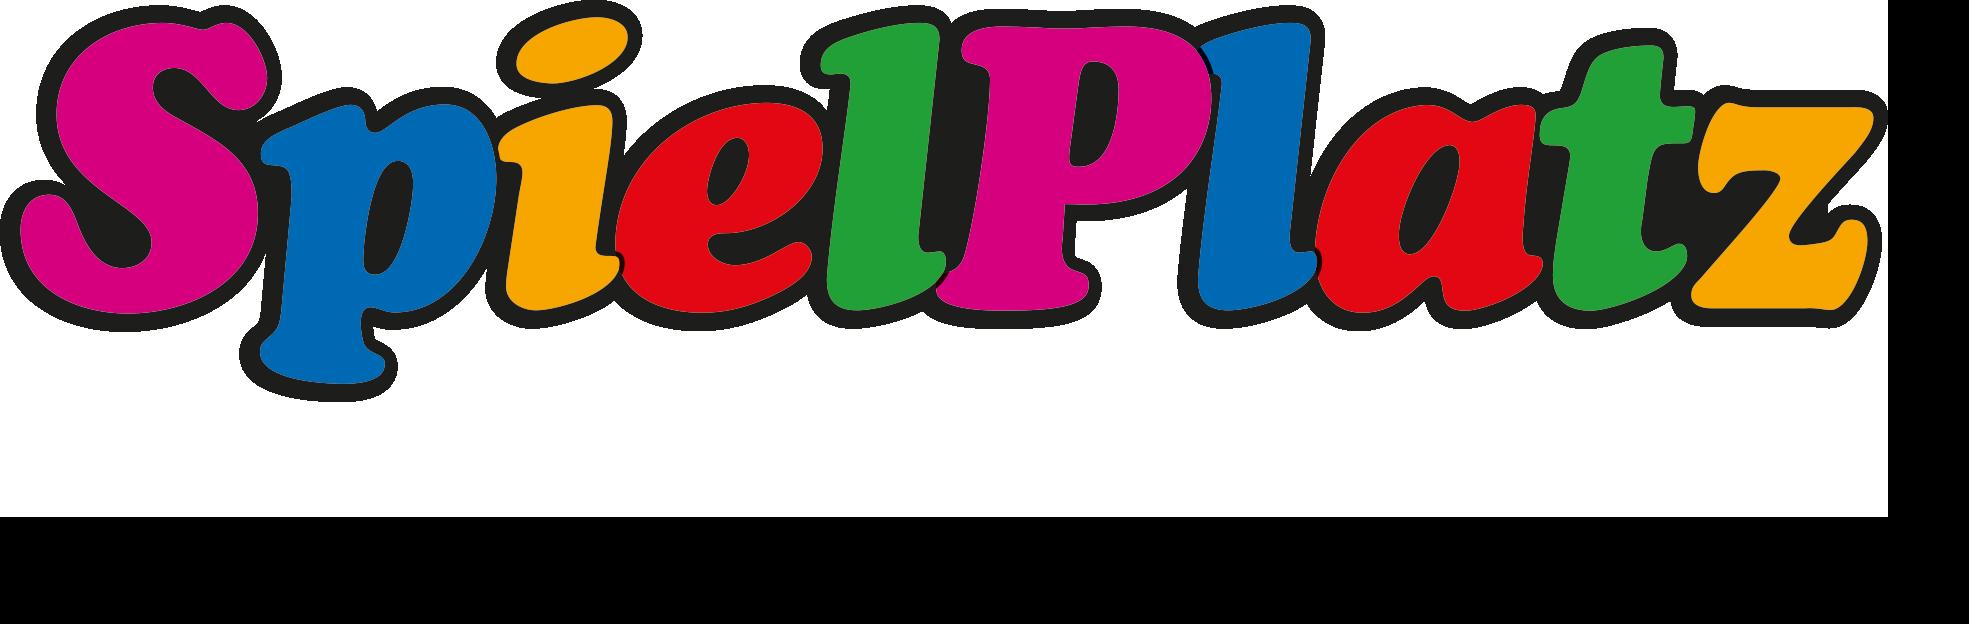 Spielplatz-Logo